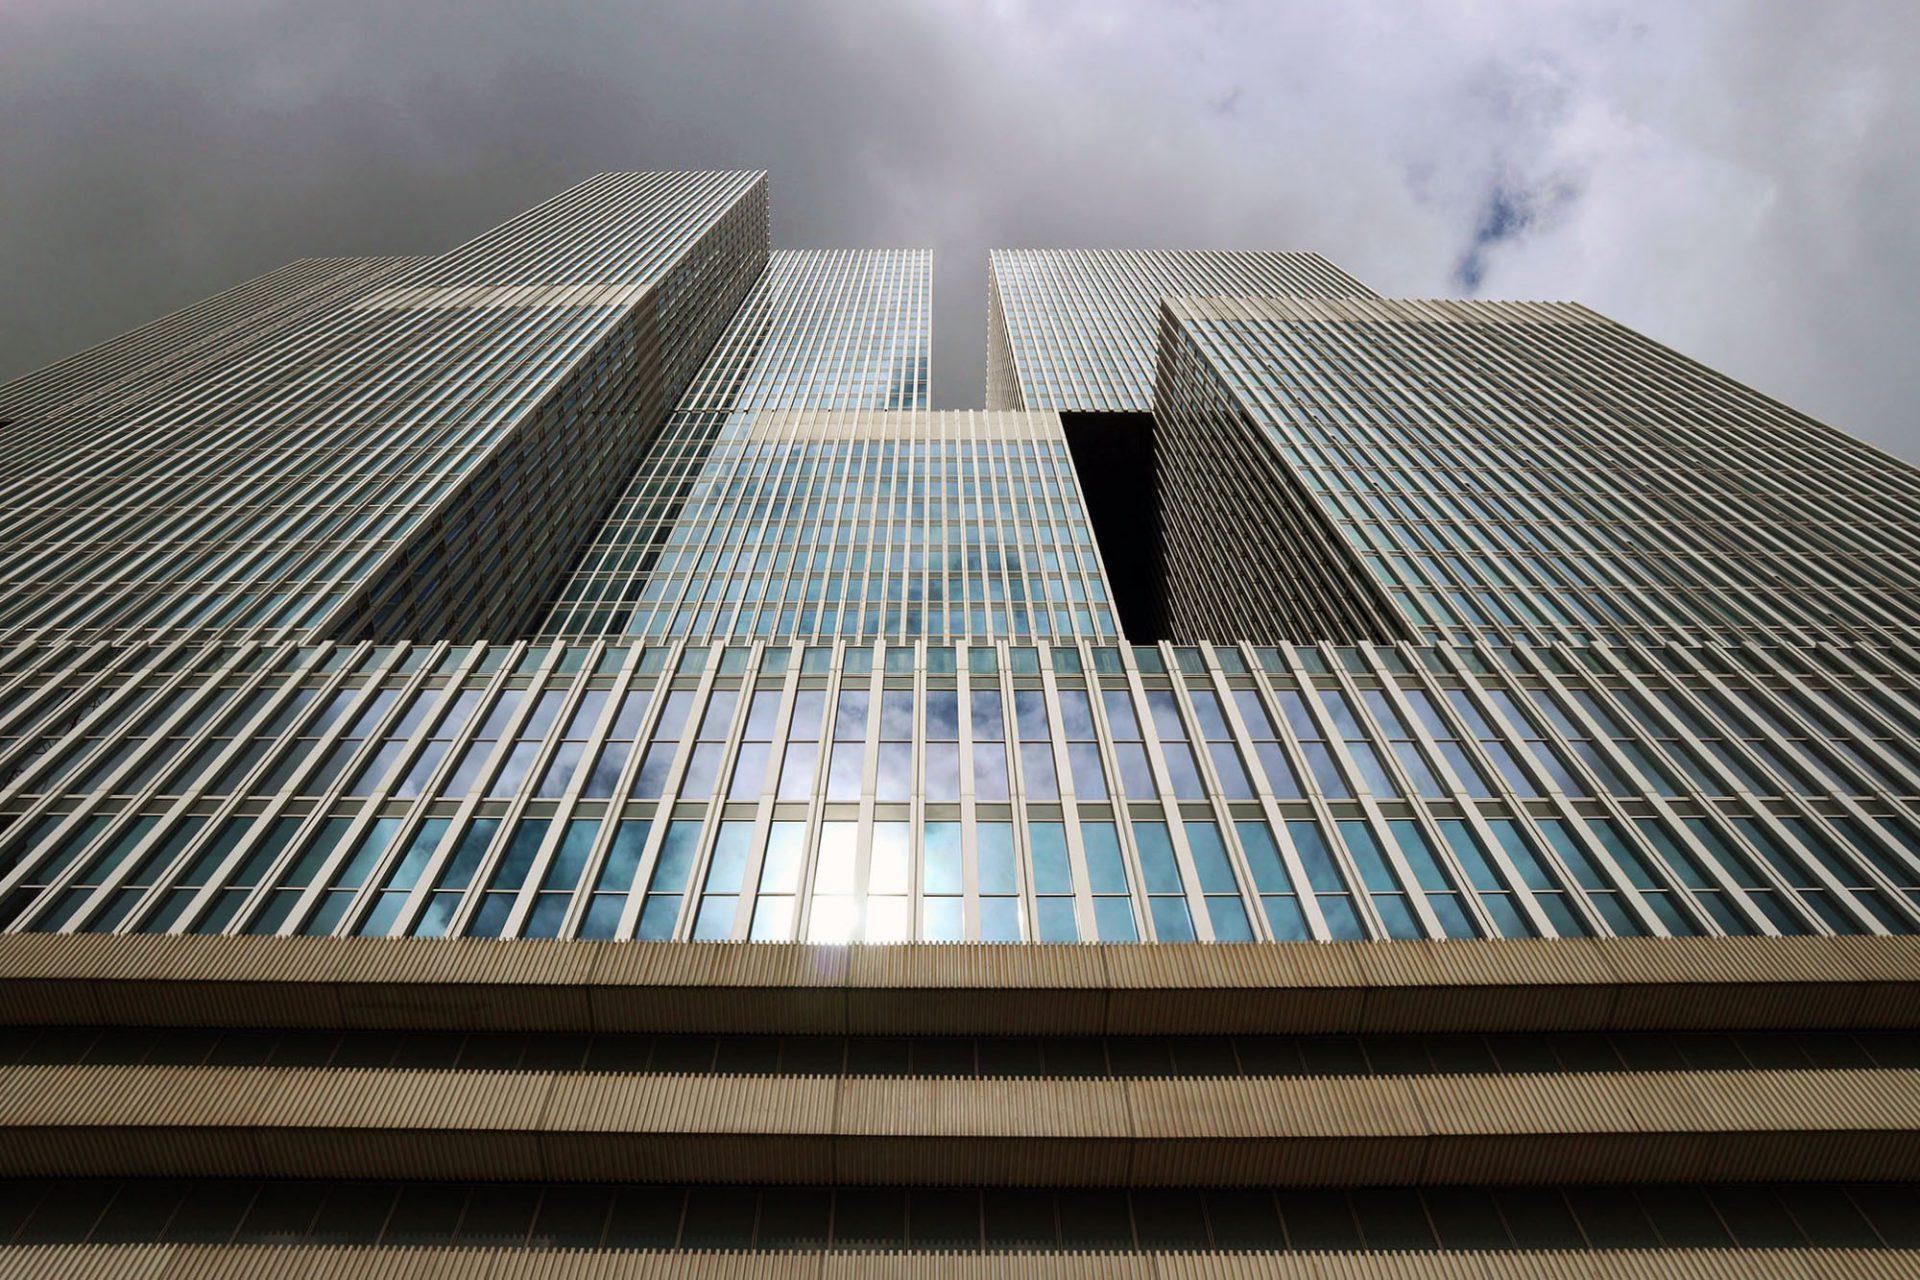 De Rotterdam.  Wie gestapelte Container türmt sich die Gebäude-Phalanx in die Höhe.